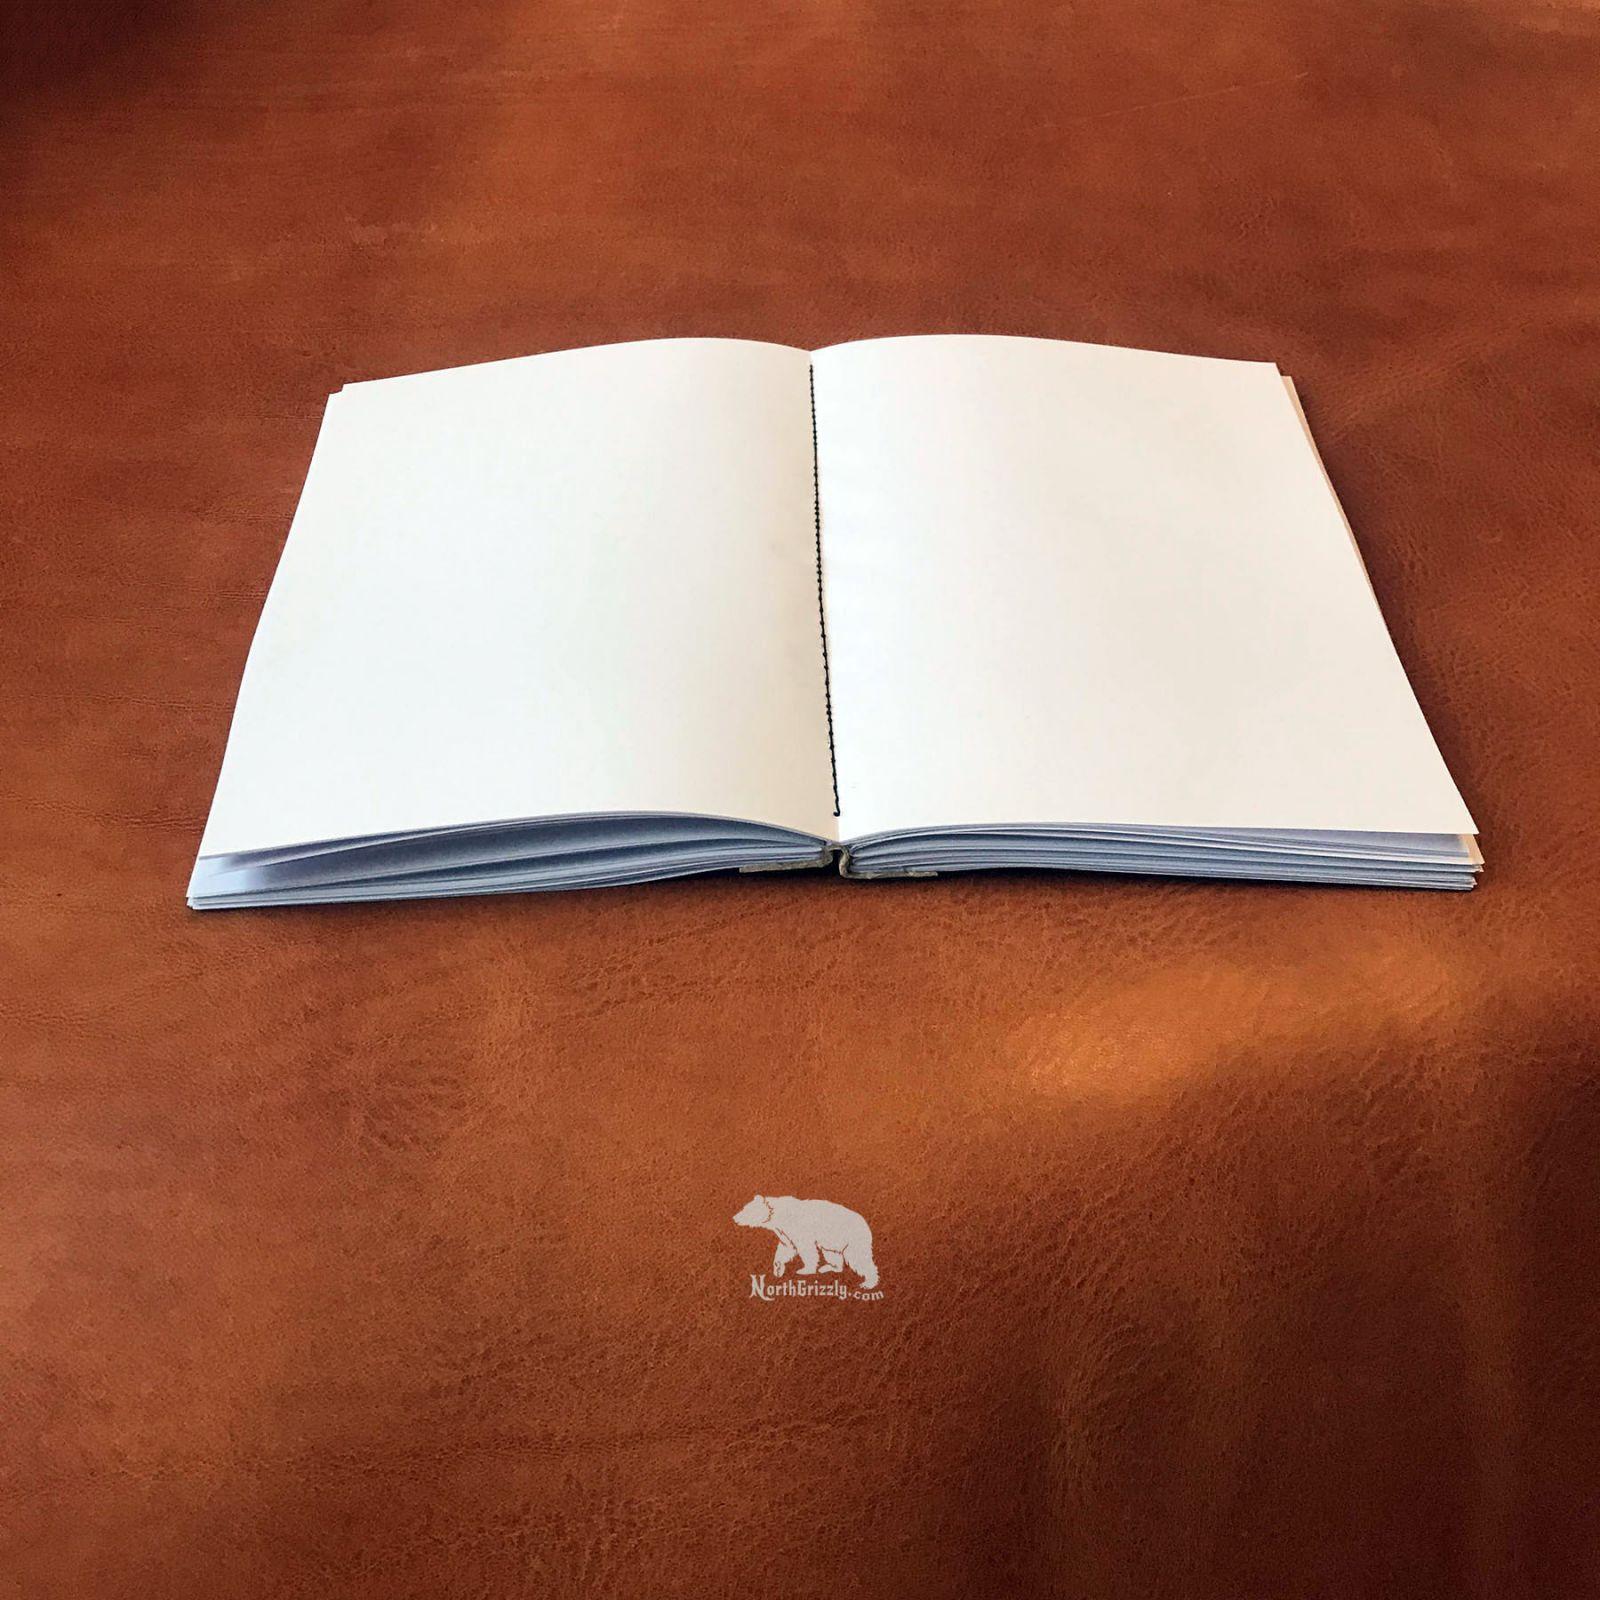 rankomis rista popieriaus knyga uzrasine dienorastis darbo knyga balti lapai ranku darbo dovanos vyrams 2511 copy